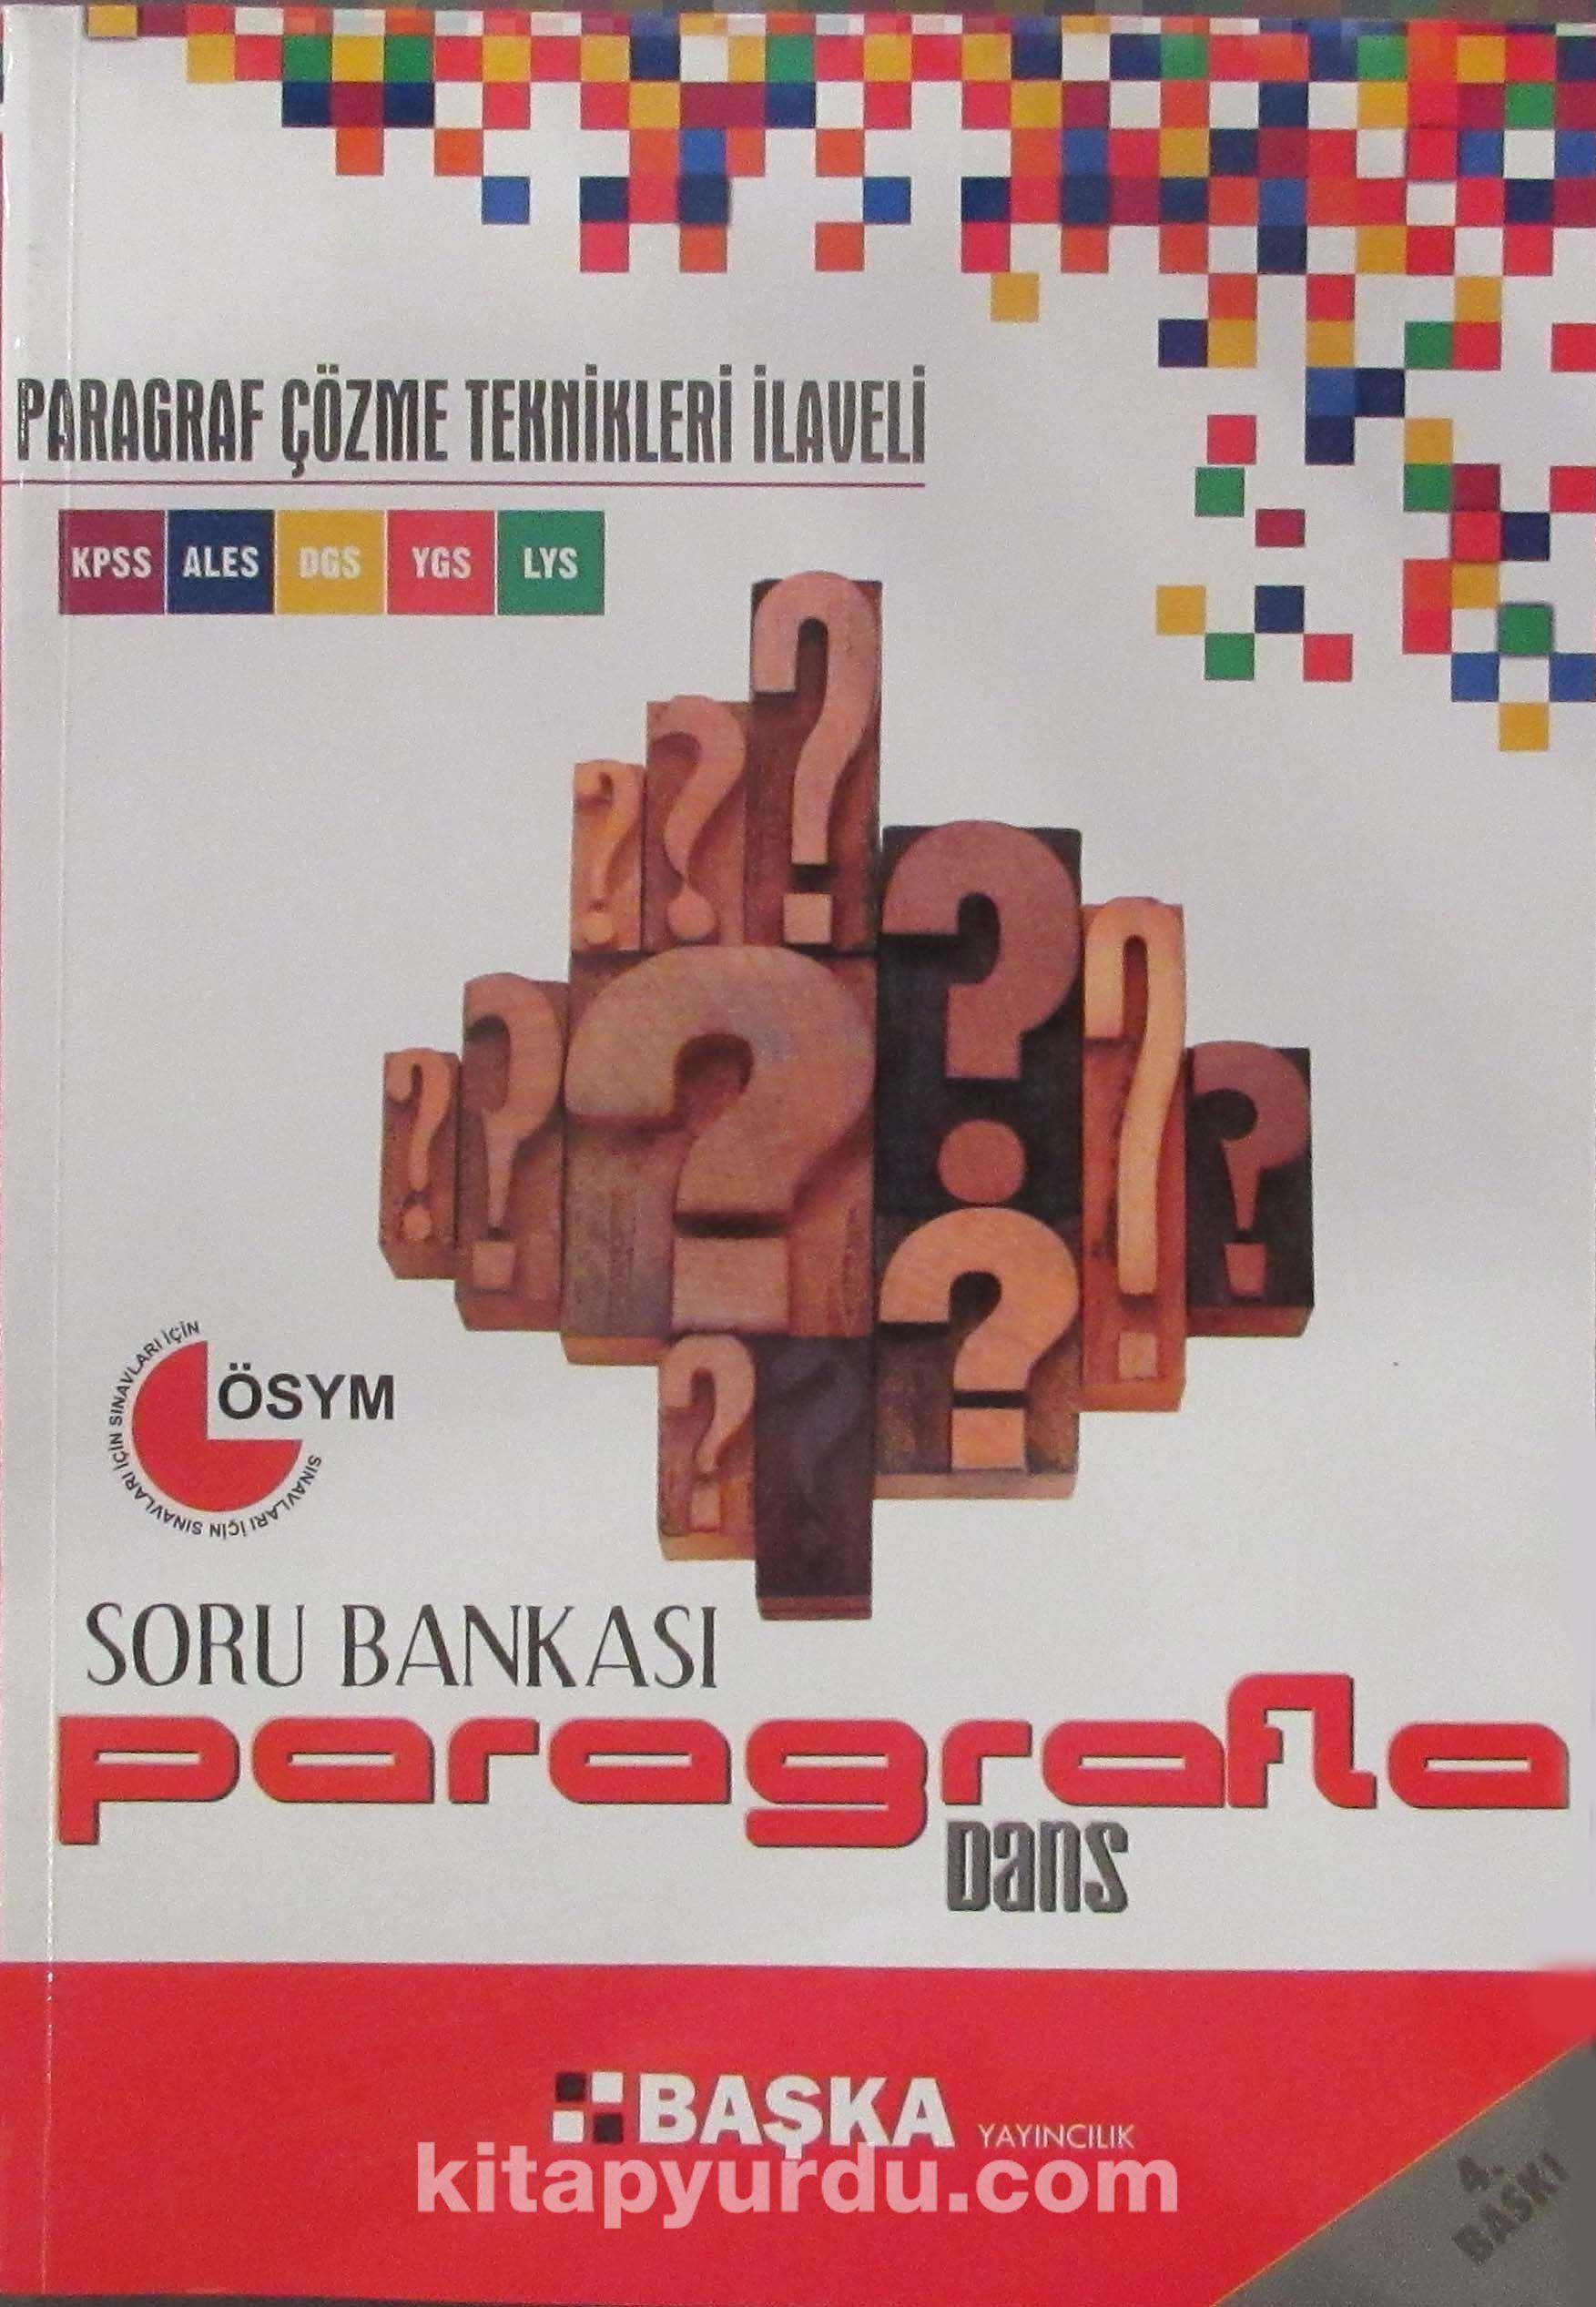 KPSS - ALES - DGS - YGS - LYS Soru Bankası Paragrafla Dans - Kollektif pdf epub